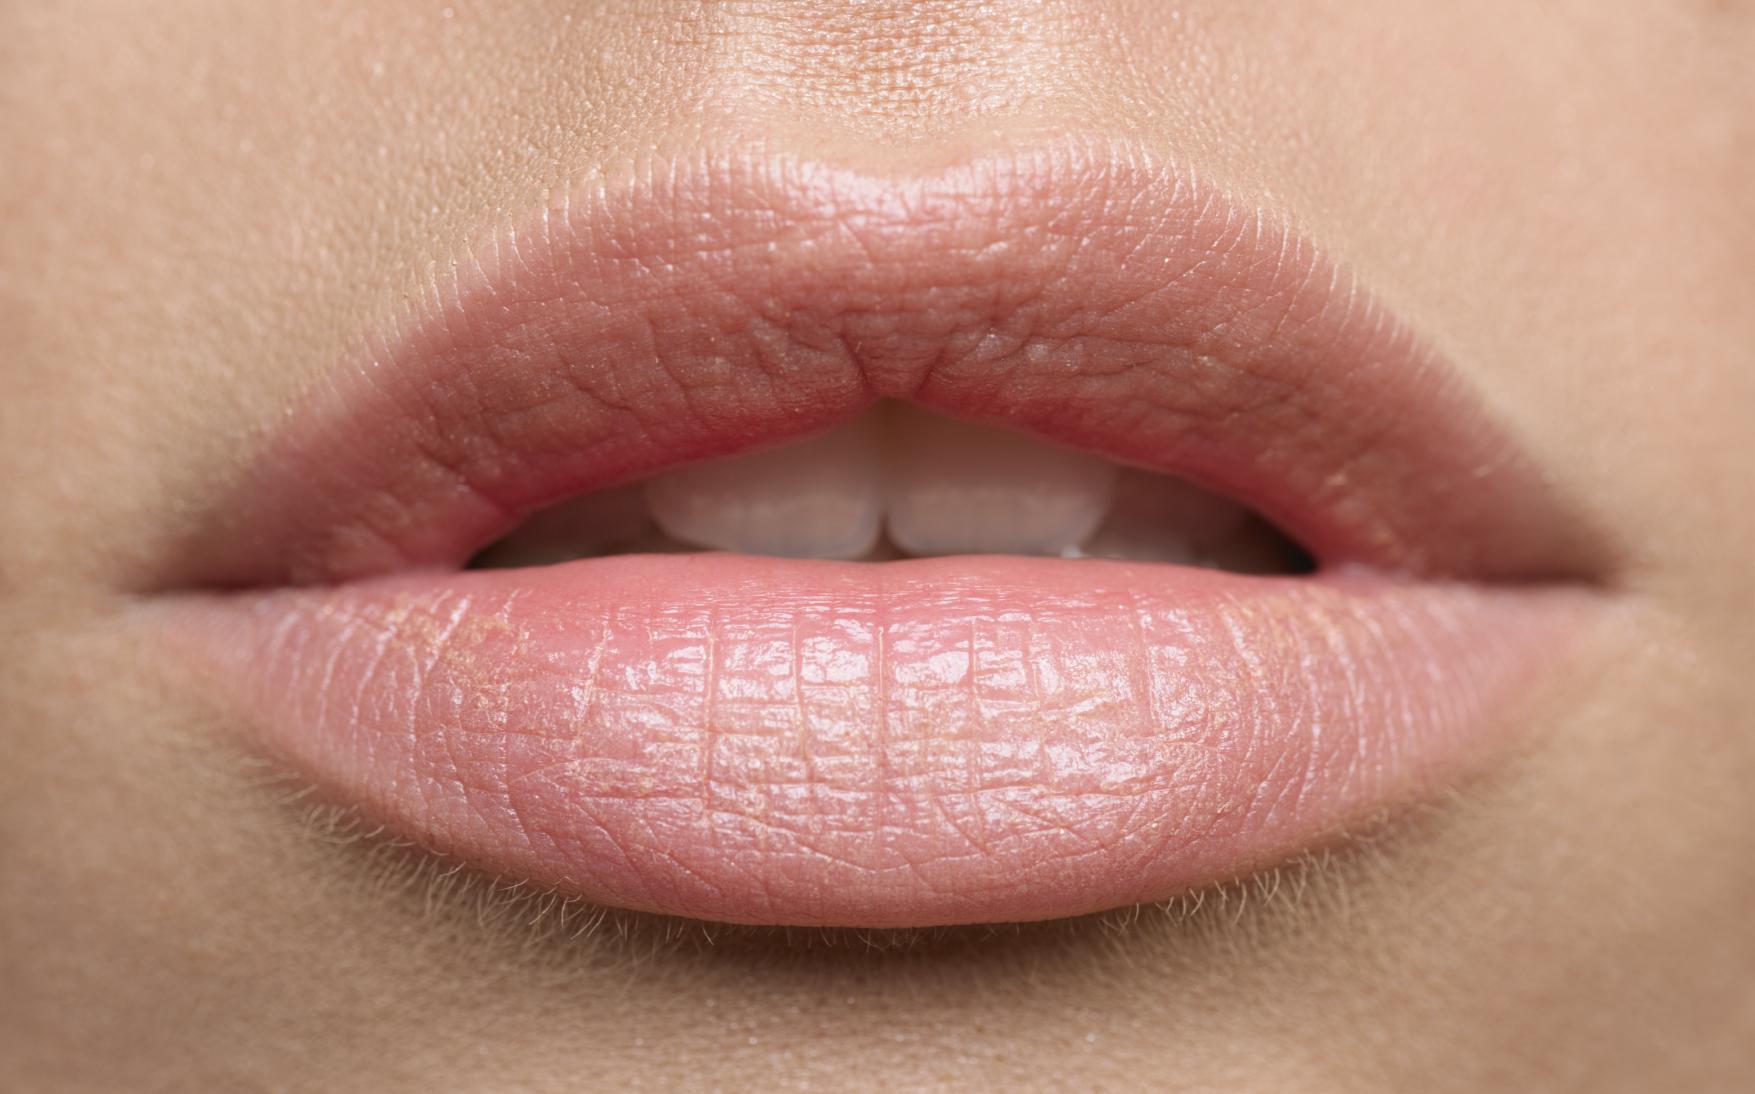 vörös foltok az ajkakon fotó hogyan kell kezelni ha vörös foltokról álmodik az arcán